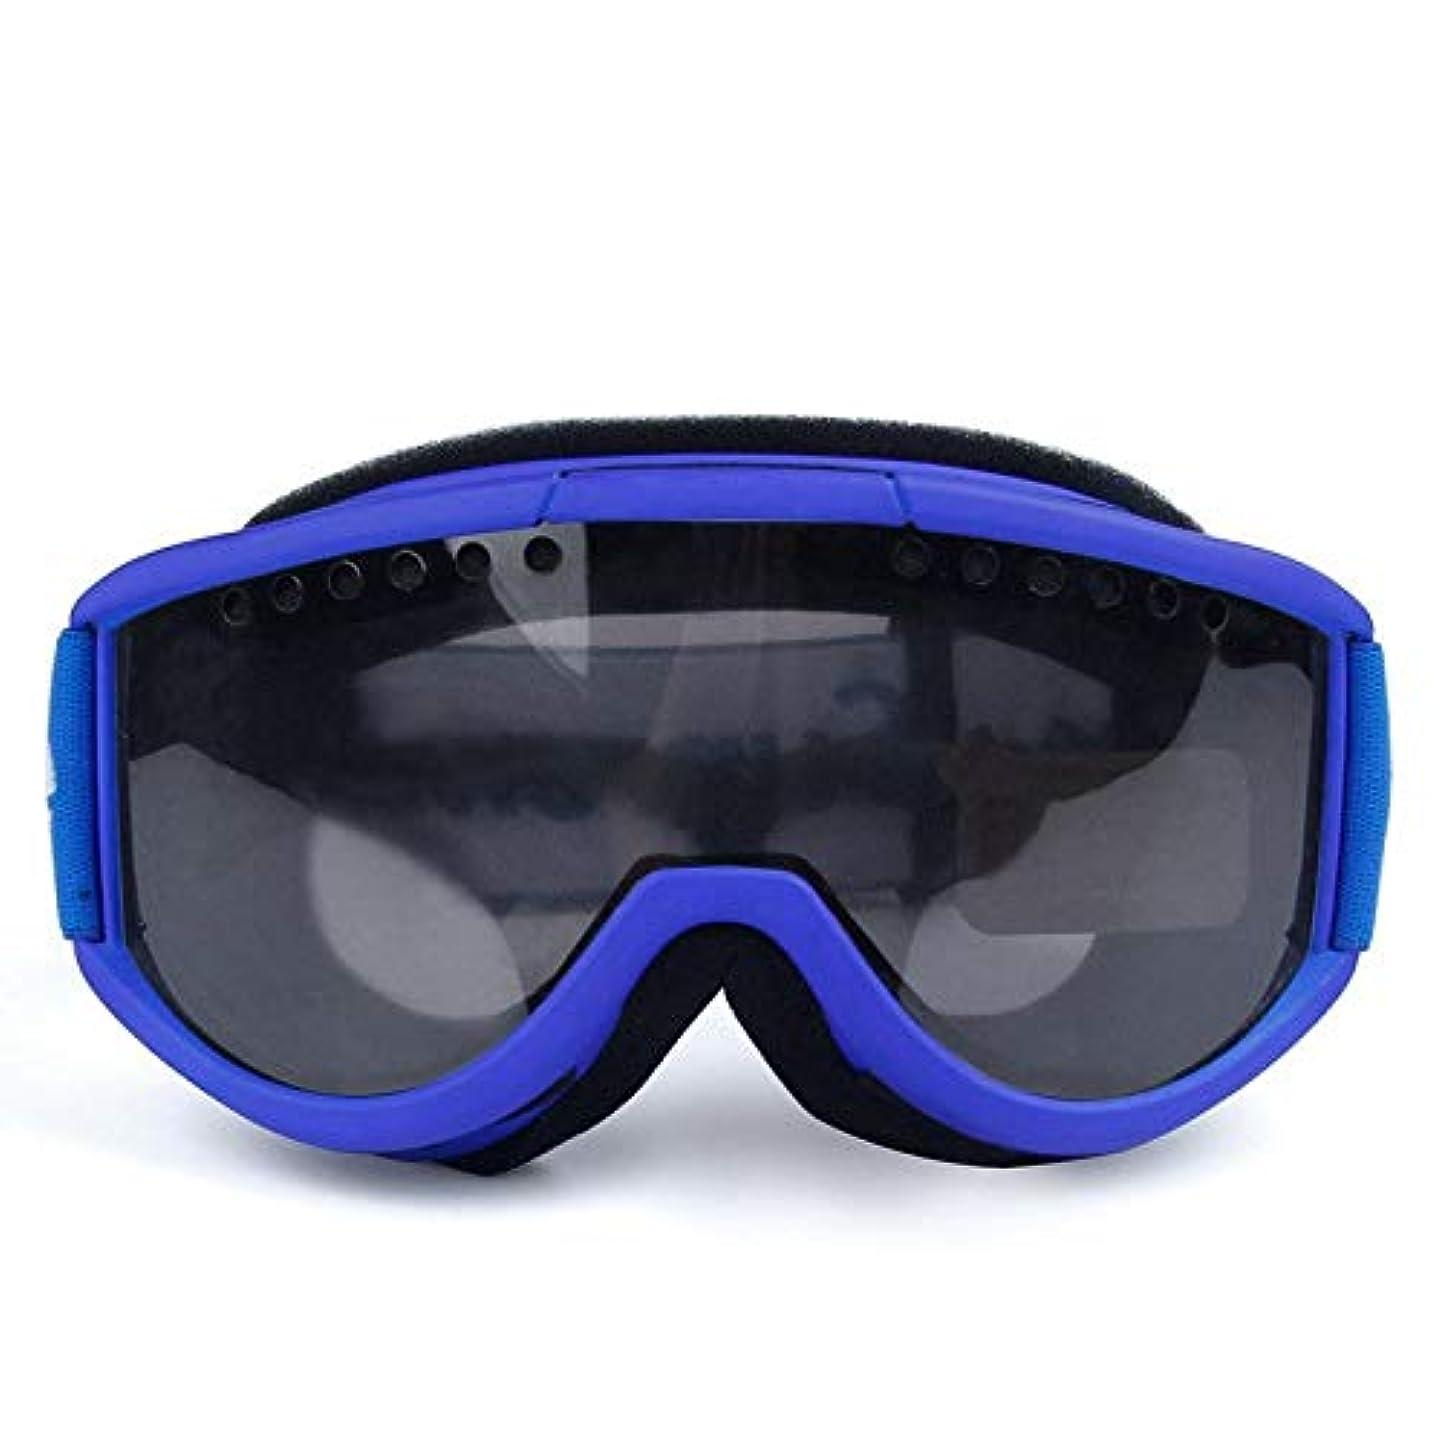 悔い改める他にテストJPYLY スキーグラス雪防曇装置スキーゴーグル風シールドオートバイグラスエアガンヘルメット (Color : B)